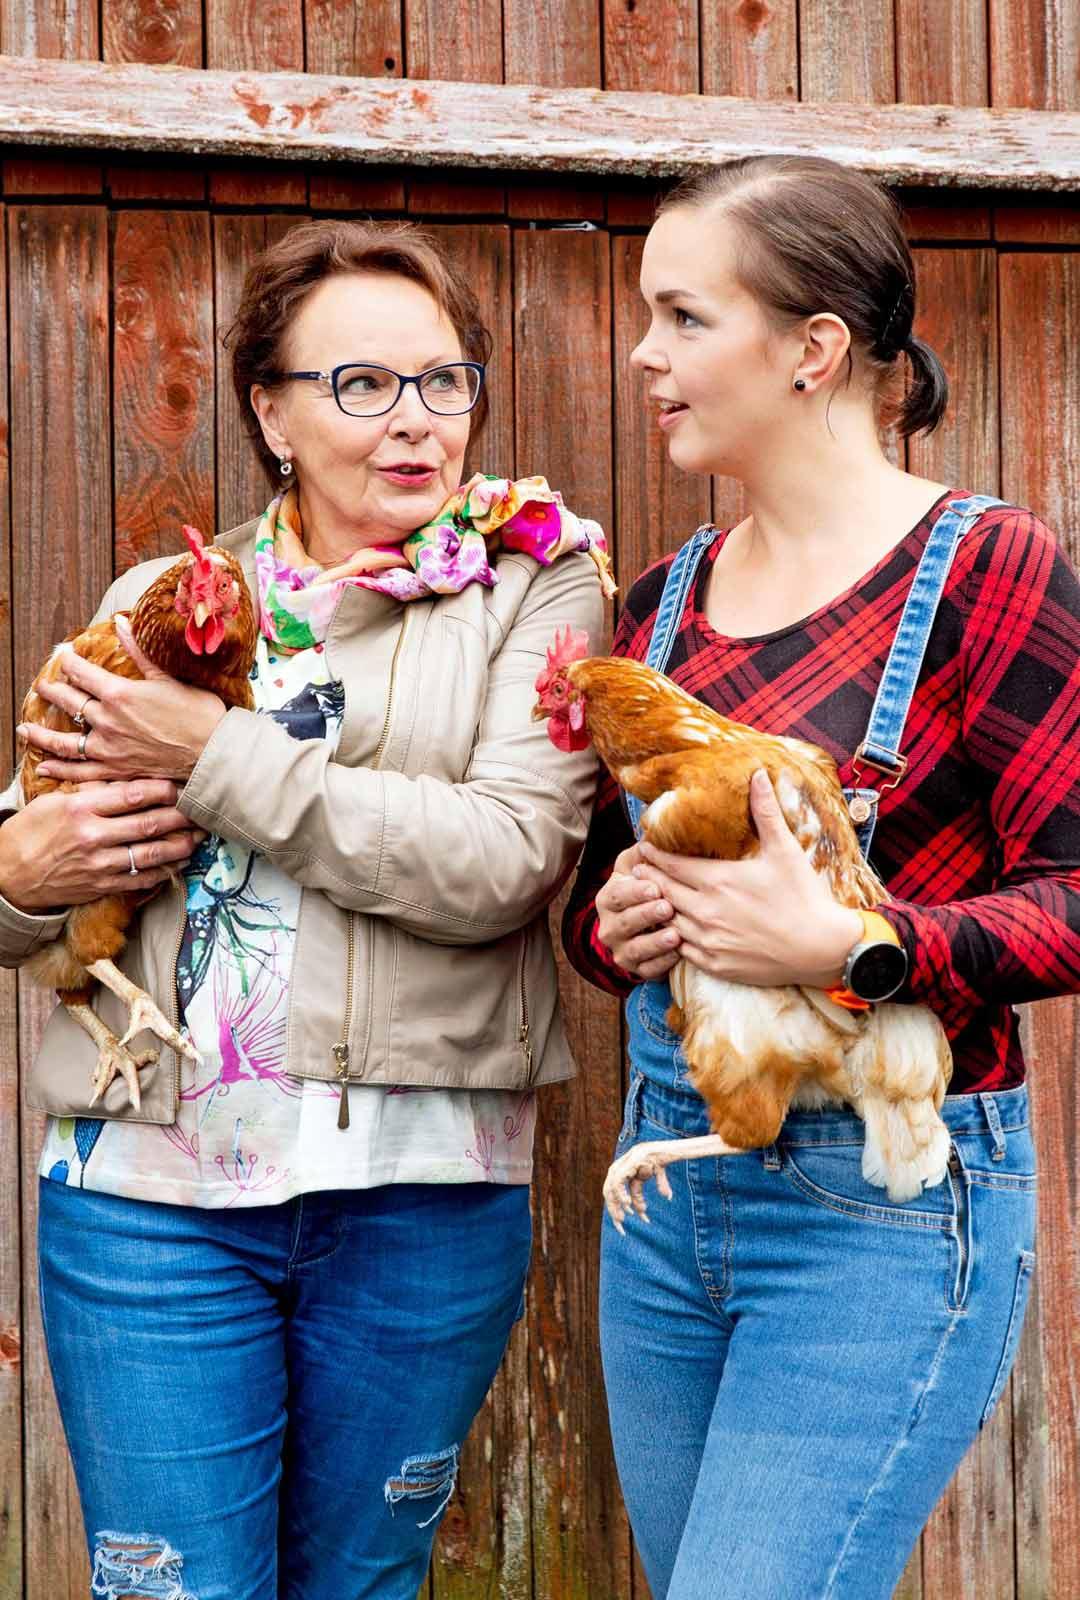 """Kaija Pohjola ja Maria Tyyster kohtasivat kanat, jotka on nimetty heidän mukaansa. Kuningattaret ihmettelevät, miten isäntä Aki Samuli erottaa yhdeksän kanaa toisistaan. """"Mun täytyy ostaa sinulle kaulakoru, että tunnistan. Onpa tämä muuten tosi lämmin"""", Kaija hämmästelee."""